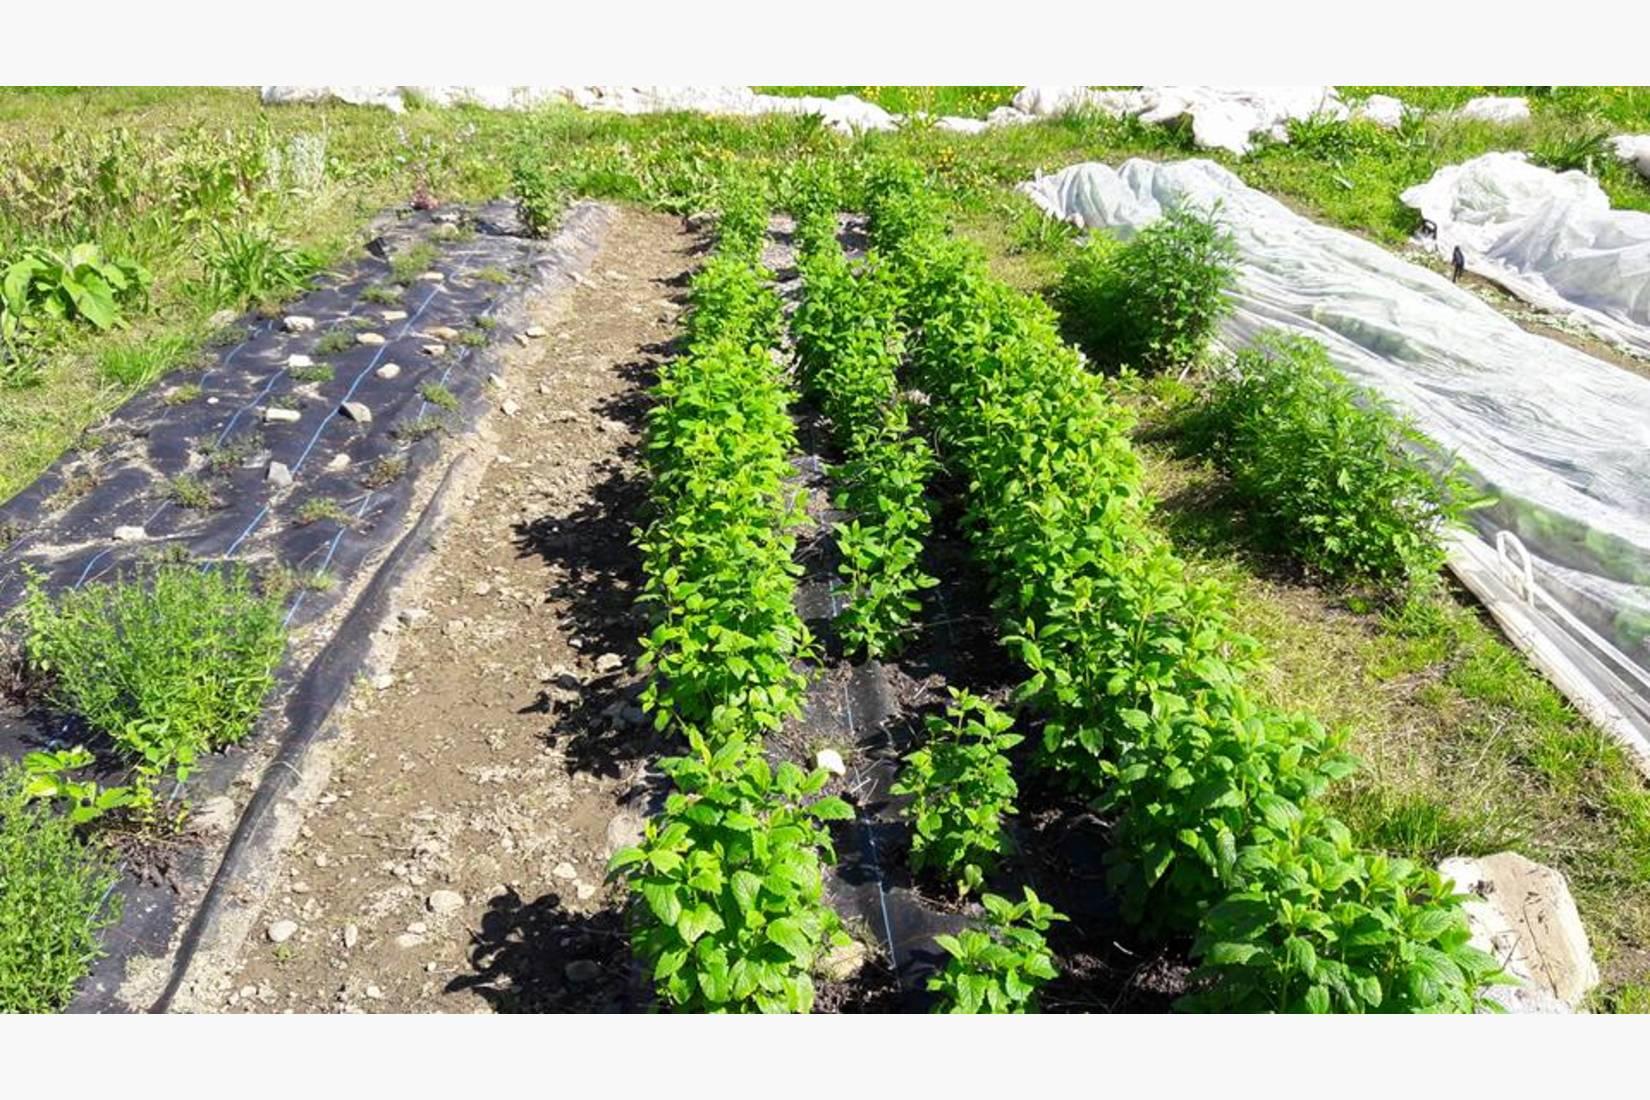 Vinteren var bra for sitronmelissen- de aller fleste plantene overlevde og har vokst seg store.